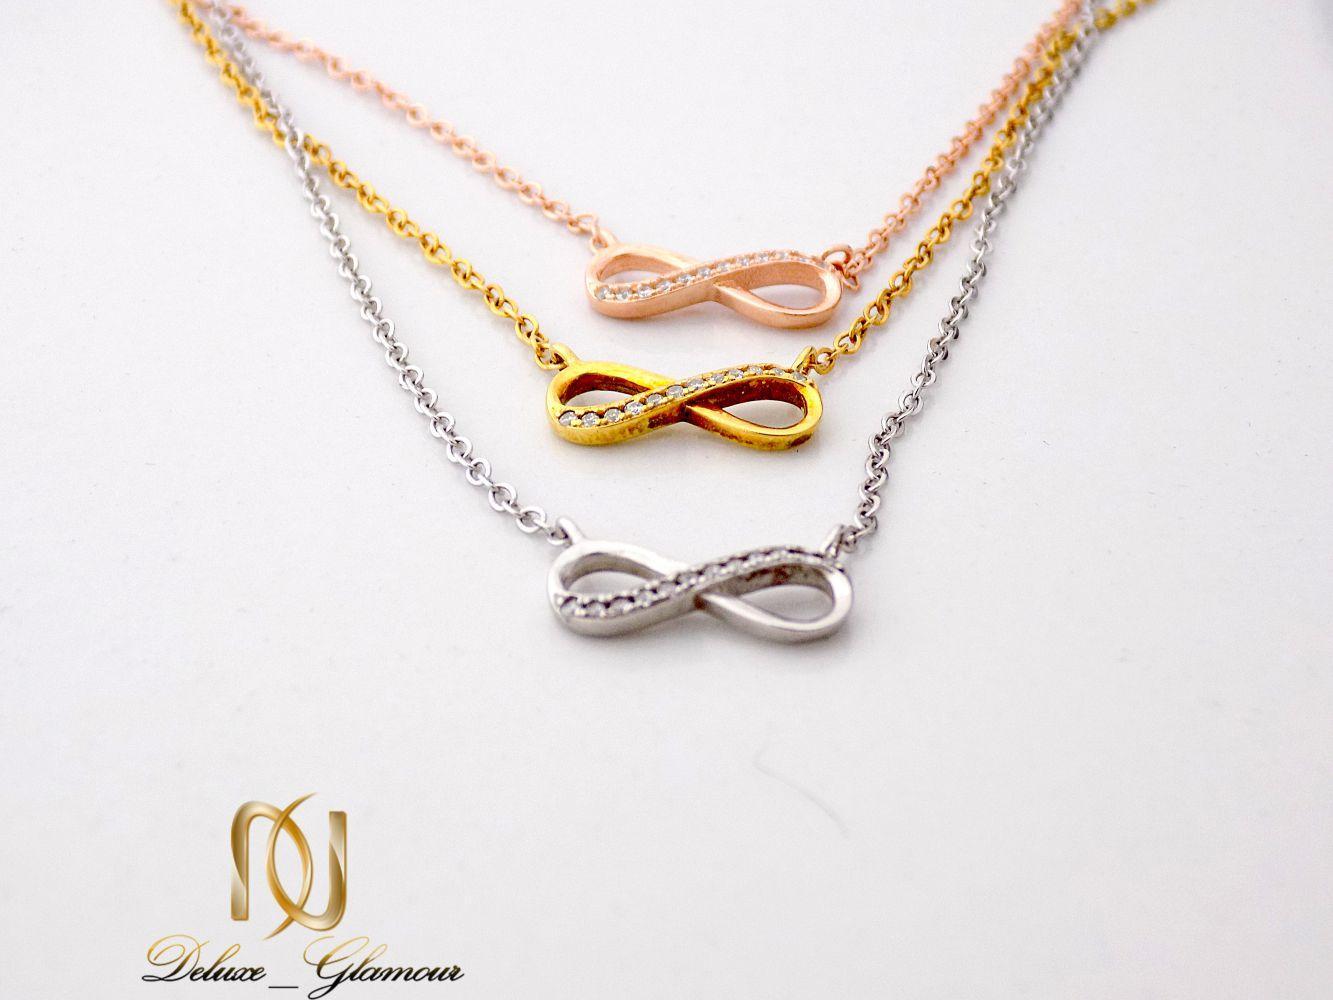 گردنبند نقره دخترانه سه رنگ و سه ردیفه طرح بینهایت Nw-n251 - عکس از پلاک ها